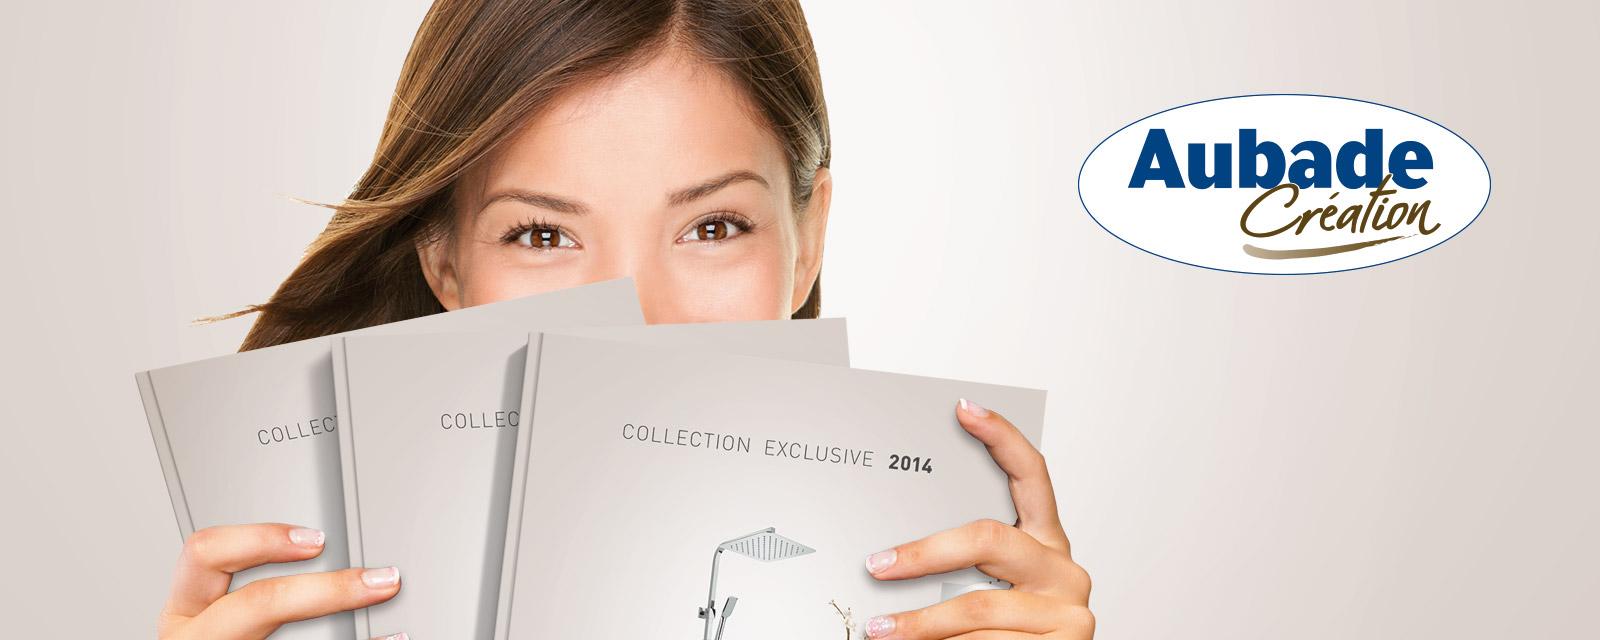 Le Catalogue Aubade Creation 2014 Est Arrive Guide Artisan